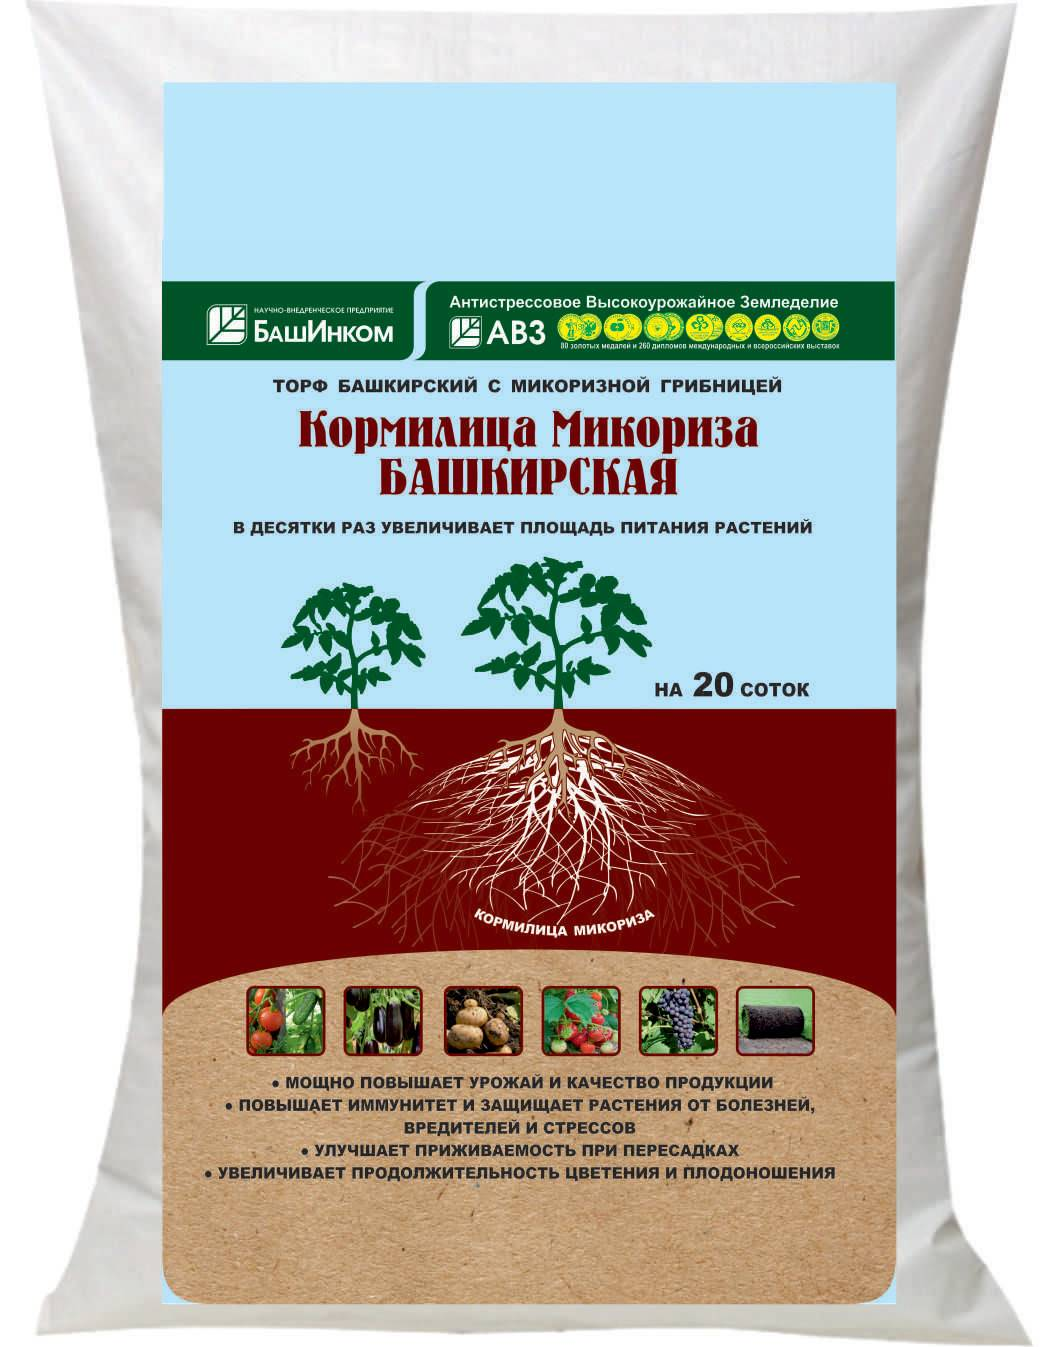 Микоризы: природные биоудобрения почв — портал ореховод